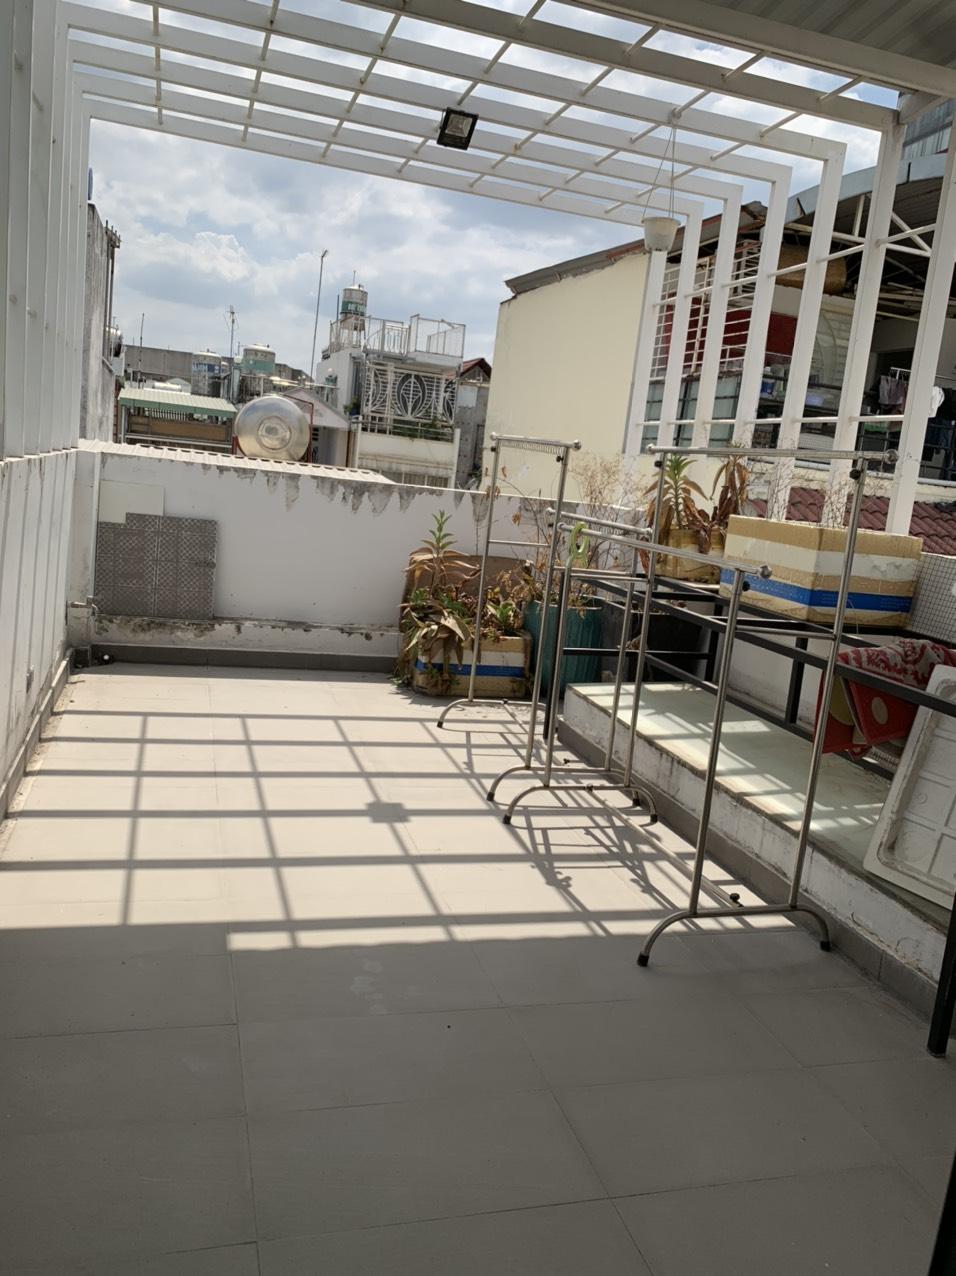 Bán nhà Hẻm xe hơi Trần Bình Trọng phường 1 Quận 5. DT 3,3x7,5m